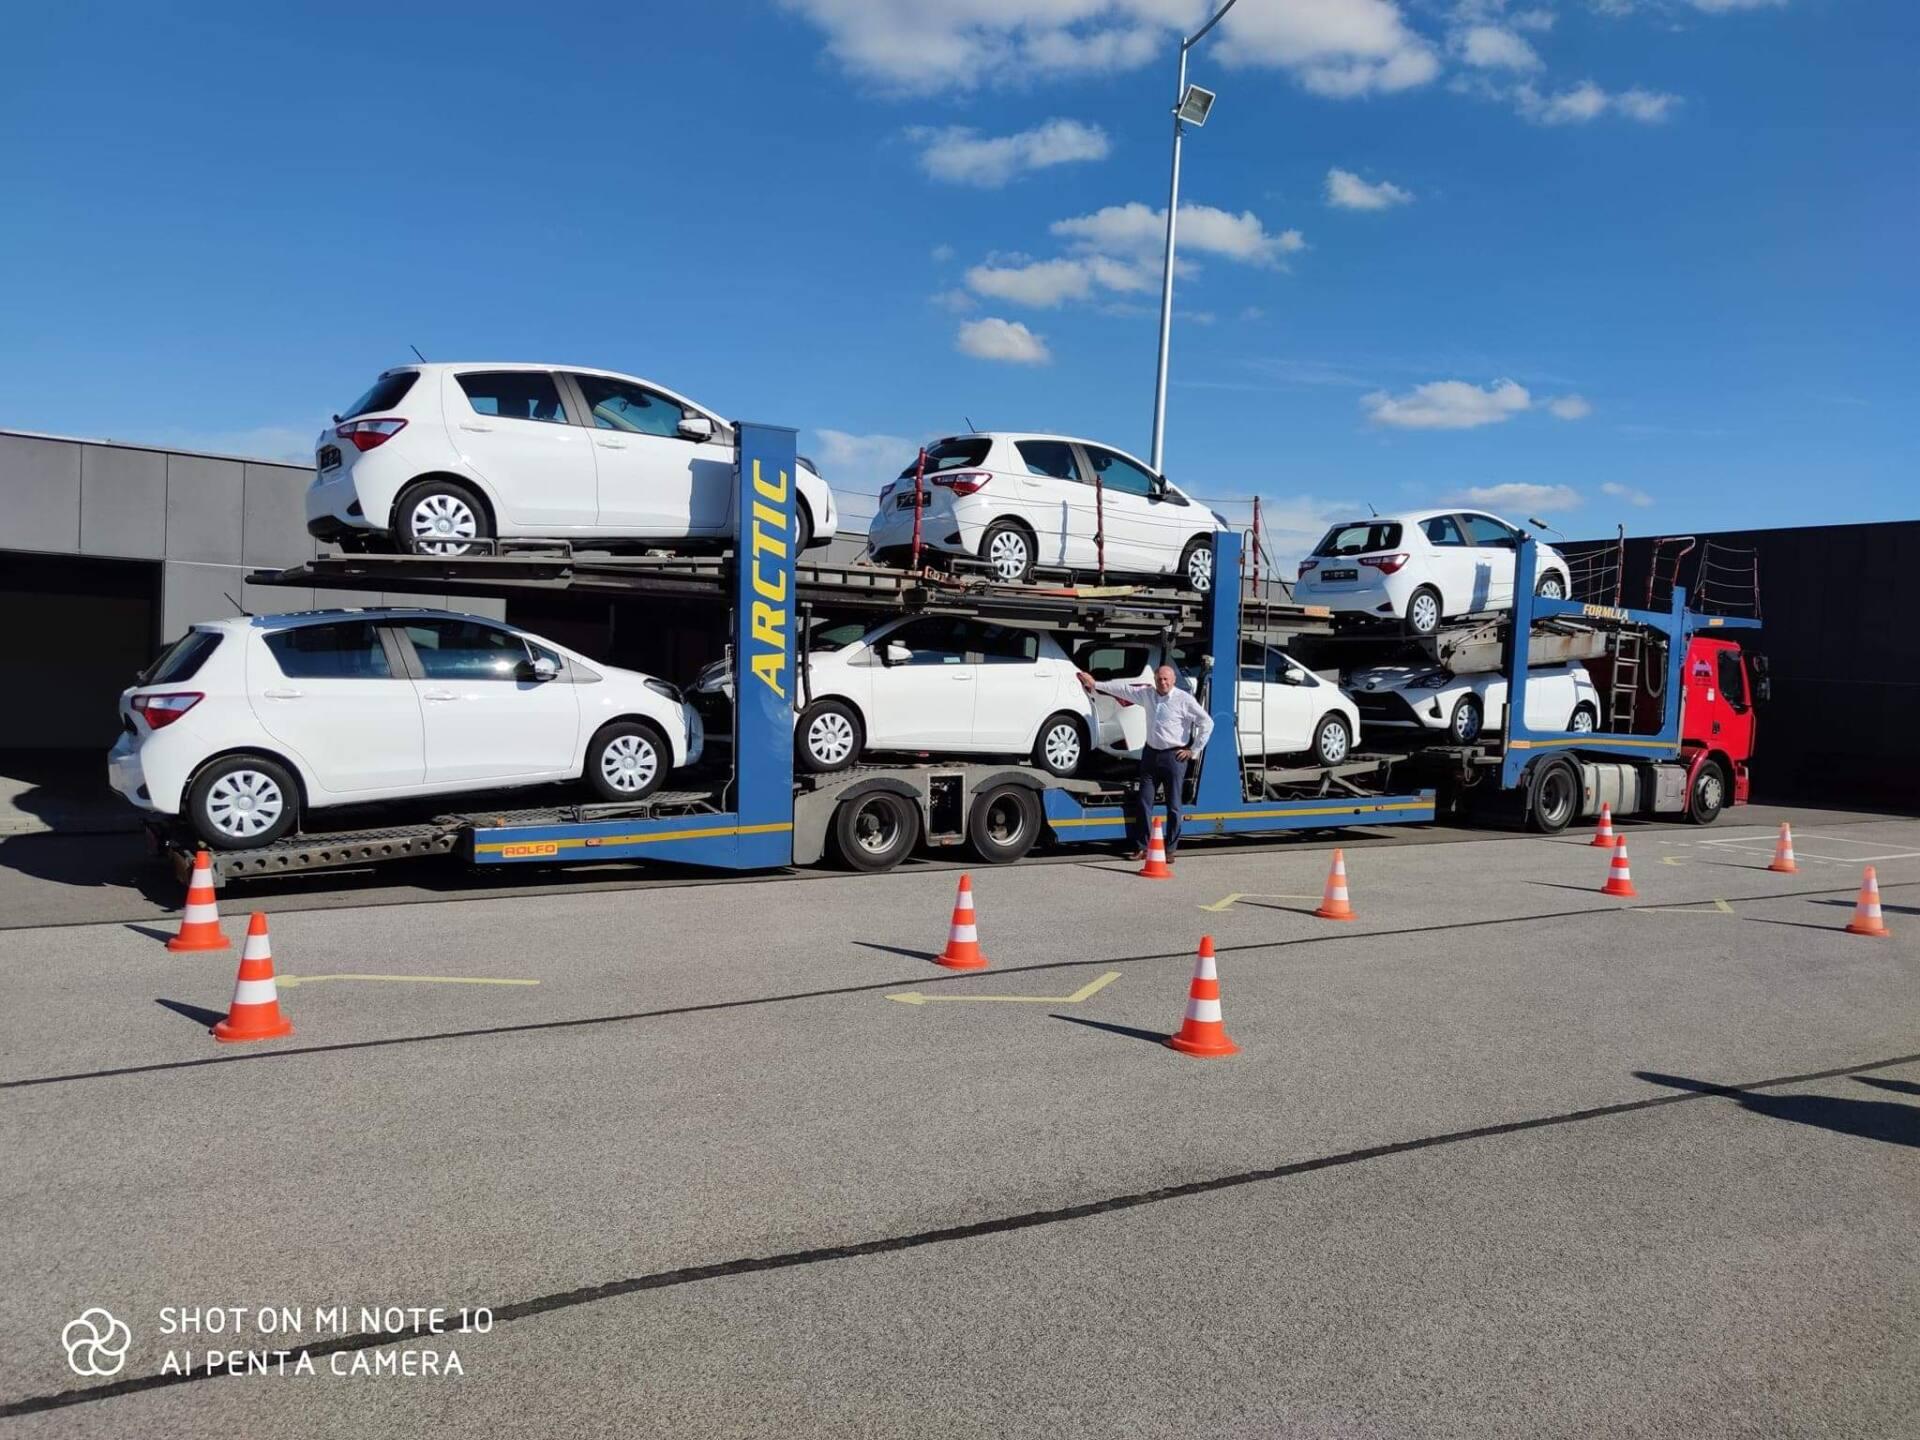 118766698 3195986483853601 5761799417728101628 o Toyoty zamiast Suzuki. Zamojski WORD wymienia samochody egzaminacyjne